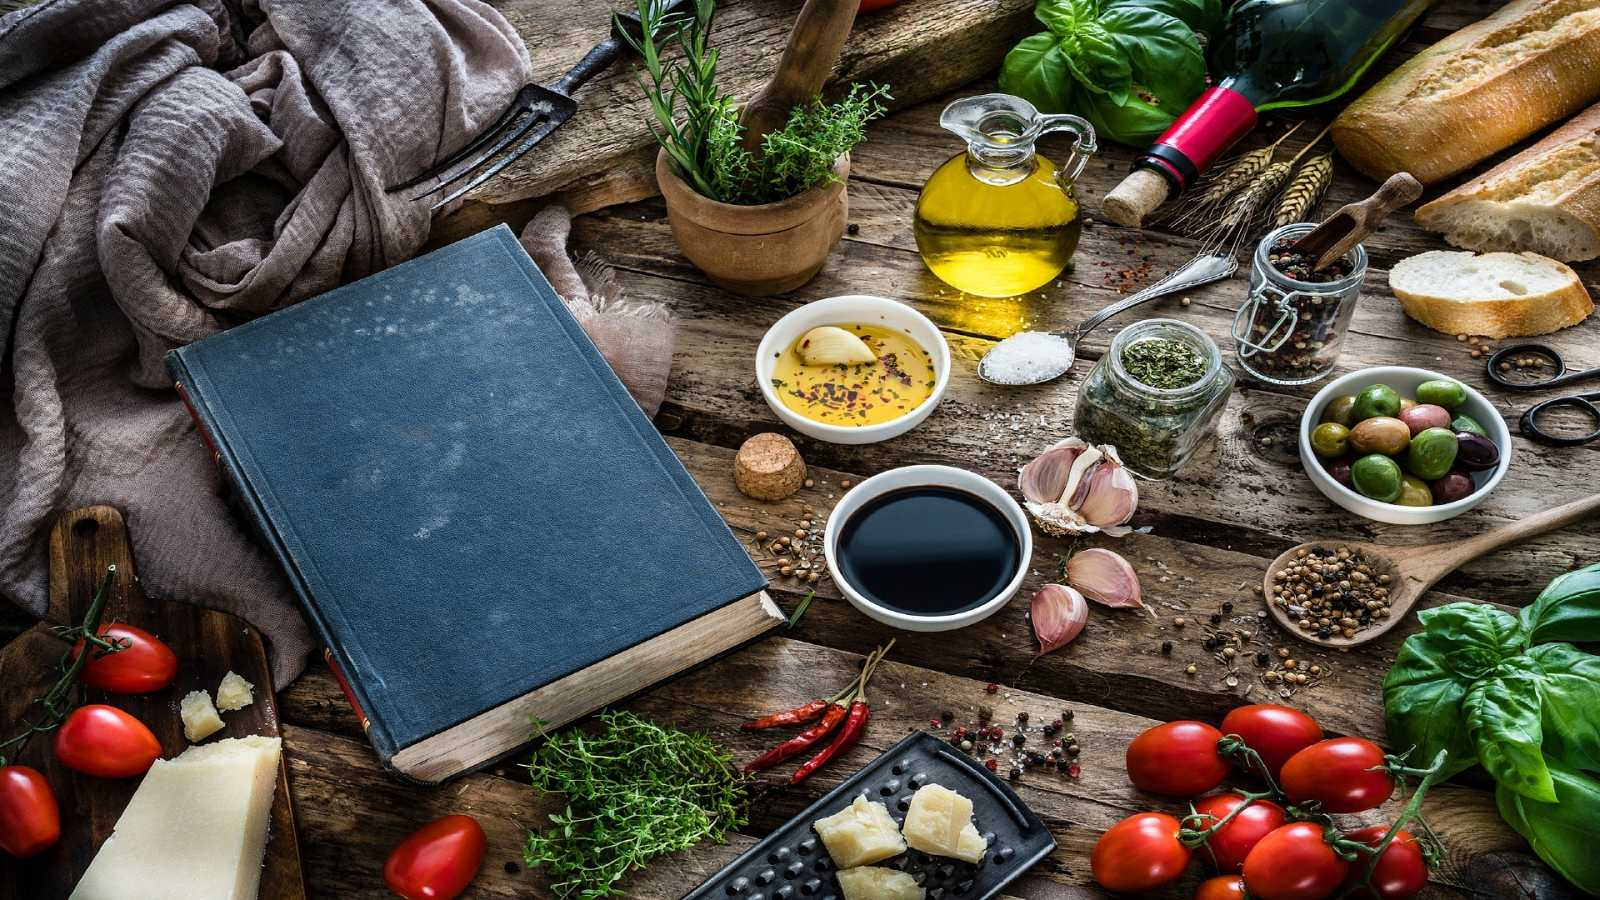 Un libro rodeado de alimentos